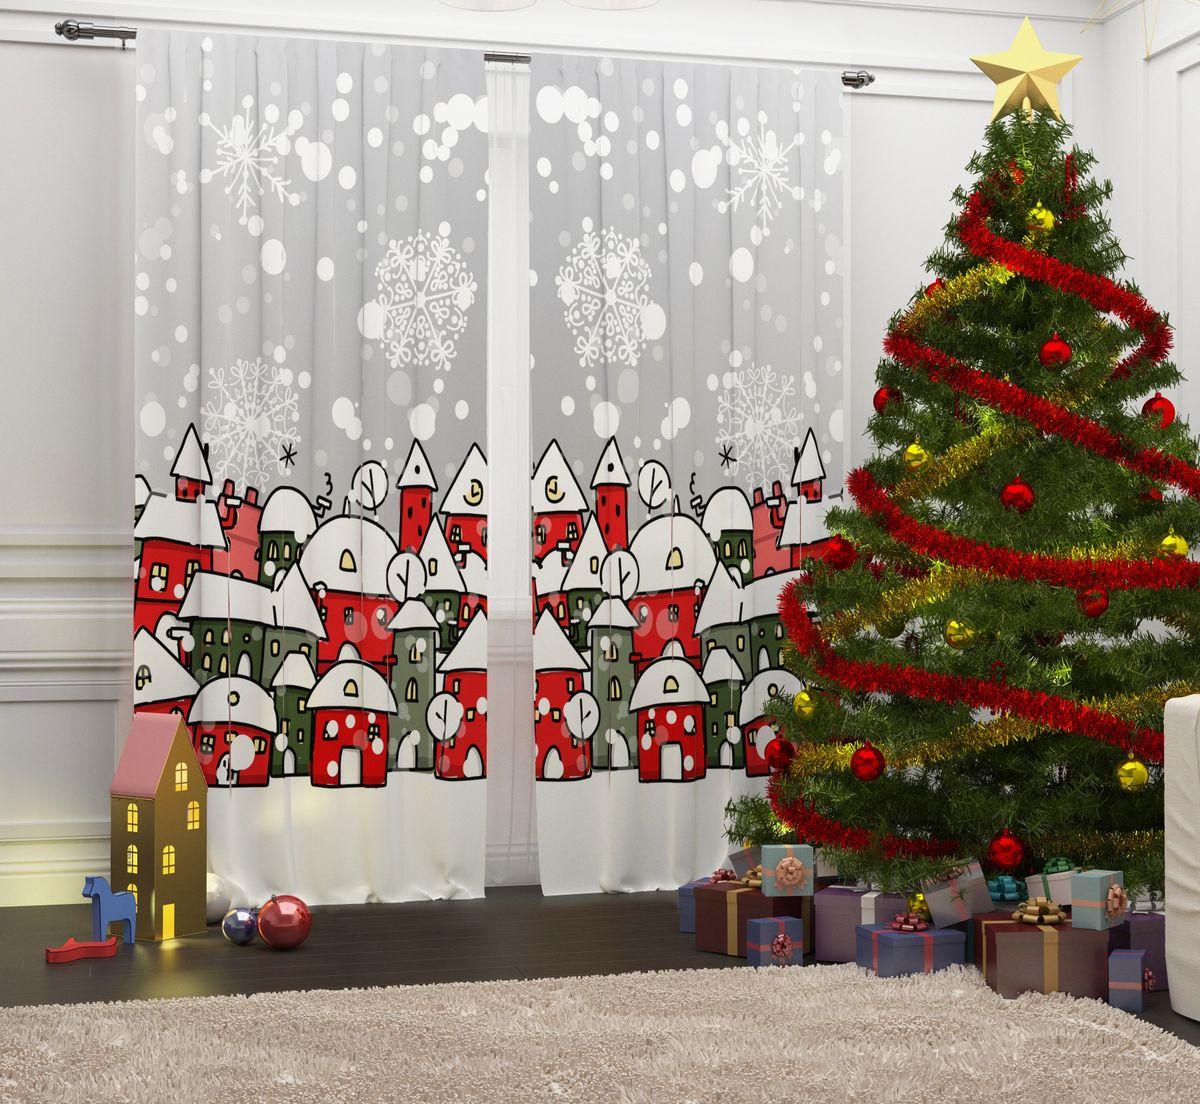 Фотошторы Сирень Зима в городке, на ленте, высота 260 см07188-ФШ-ГБ-001Перед новогодними праздниками каждая хозяйка или хозяин хотят украсить свой дом. Мы предлагаем оригинальное решение, украсить Ваше окно фотошторами с новогодней тематикой. Новогодние фотошторы Сирень станут отличным подарком на Новый год. Подарите радость праздника себе и Вашим близким людям! Текстиль бренда «Сирень» - качество в каждом сантиметре ткани! Крепление на карниз при помощи шторной ленты на крючки. В комплекте: Портьера: 2 шт. Размер (ШхВ): 145 см х 260 см. Рекомендации по уходу: стирка при 30 градусах гладить при температуре до 150 градусов Изображение на мониторе может немного отличаться от реального.